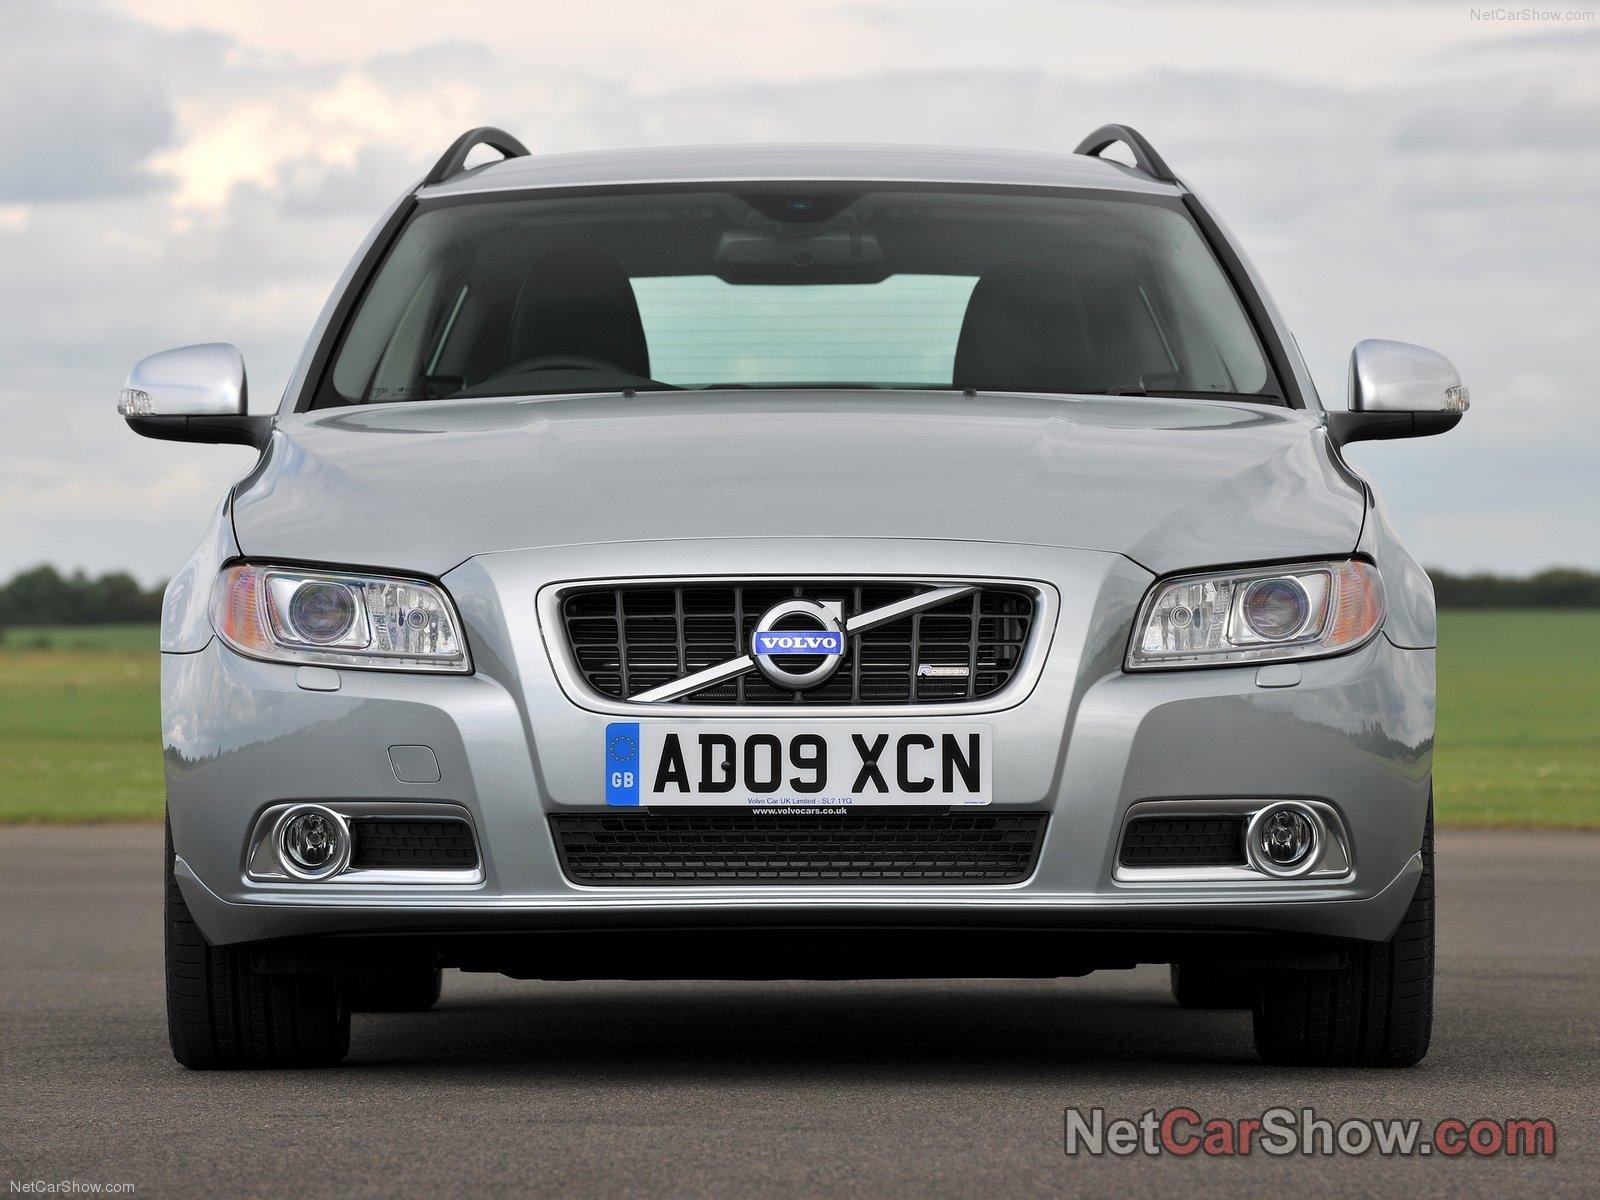 2011 Volvo V70 Images. Photo 2011-Volvo-V70-Wagon-Image ...   2011 Volvo V70 Wagon